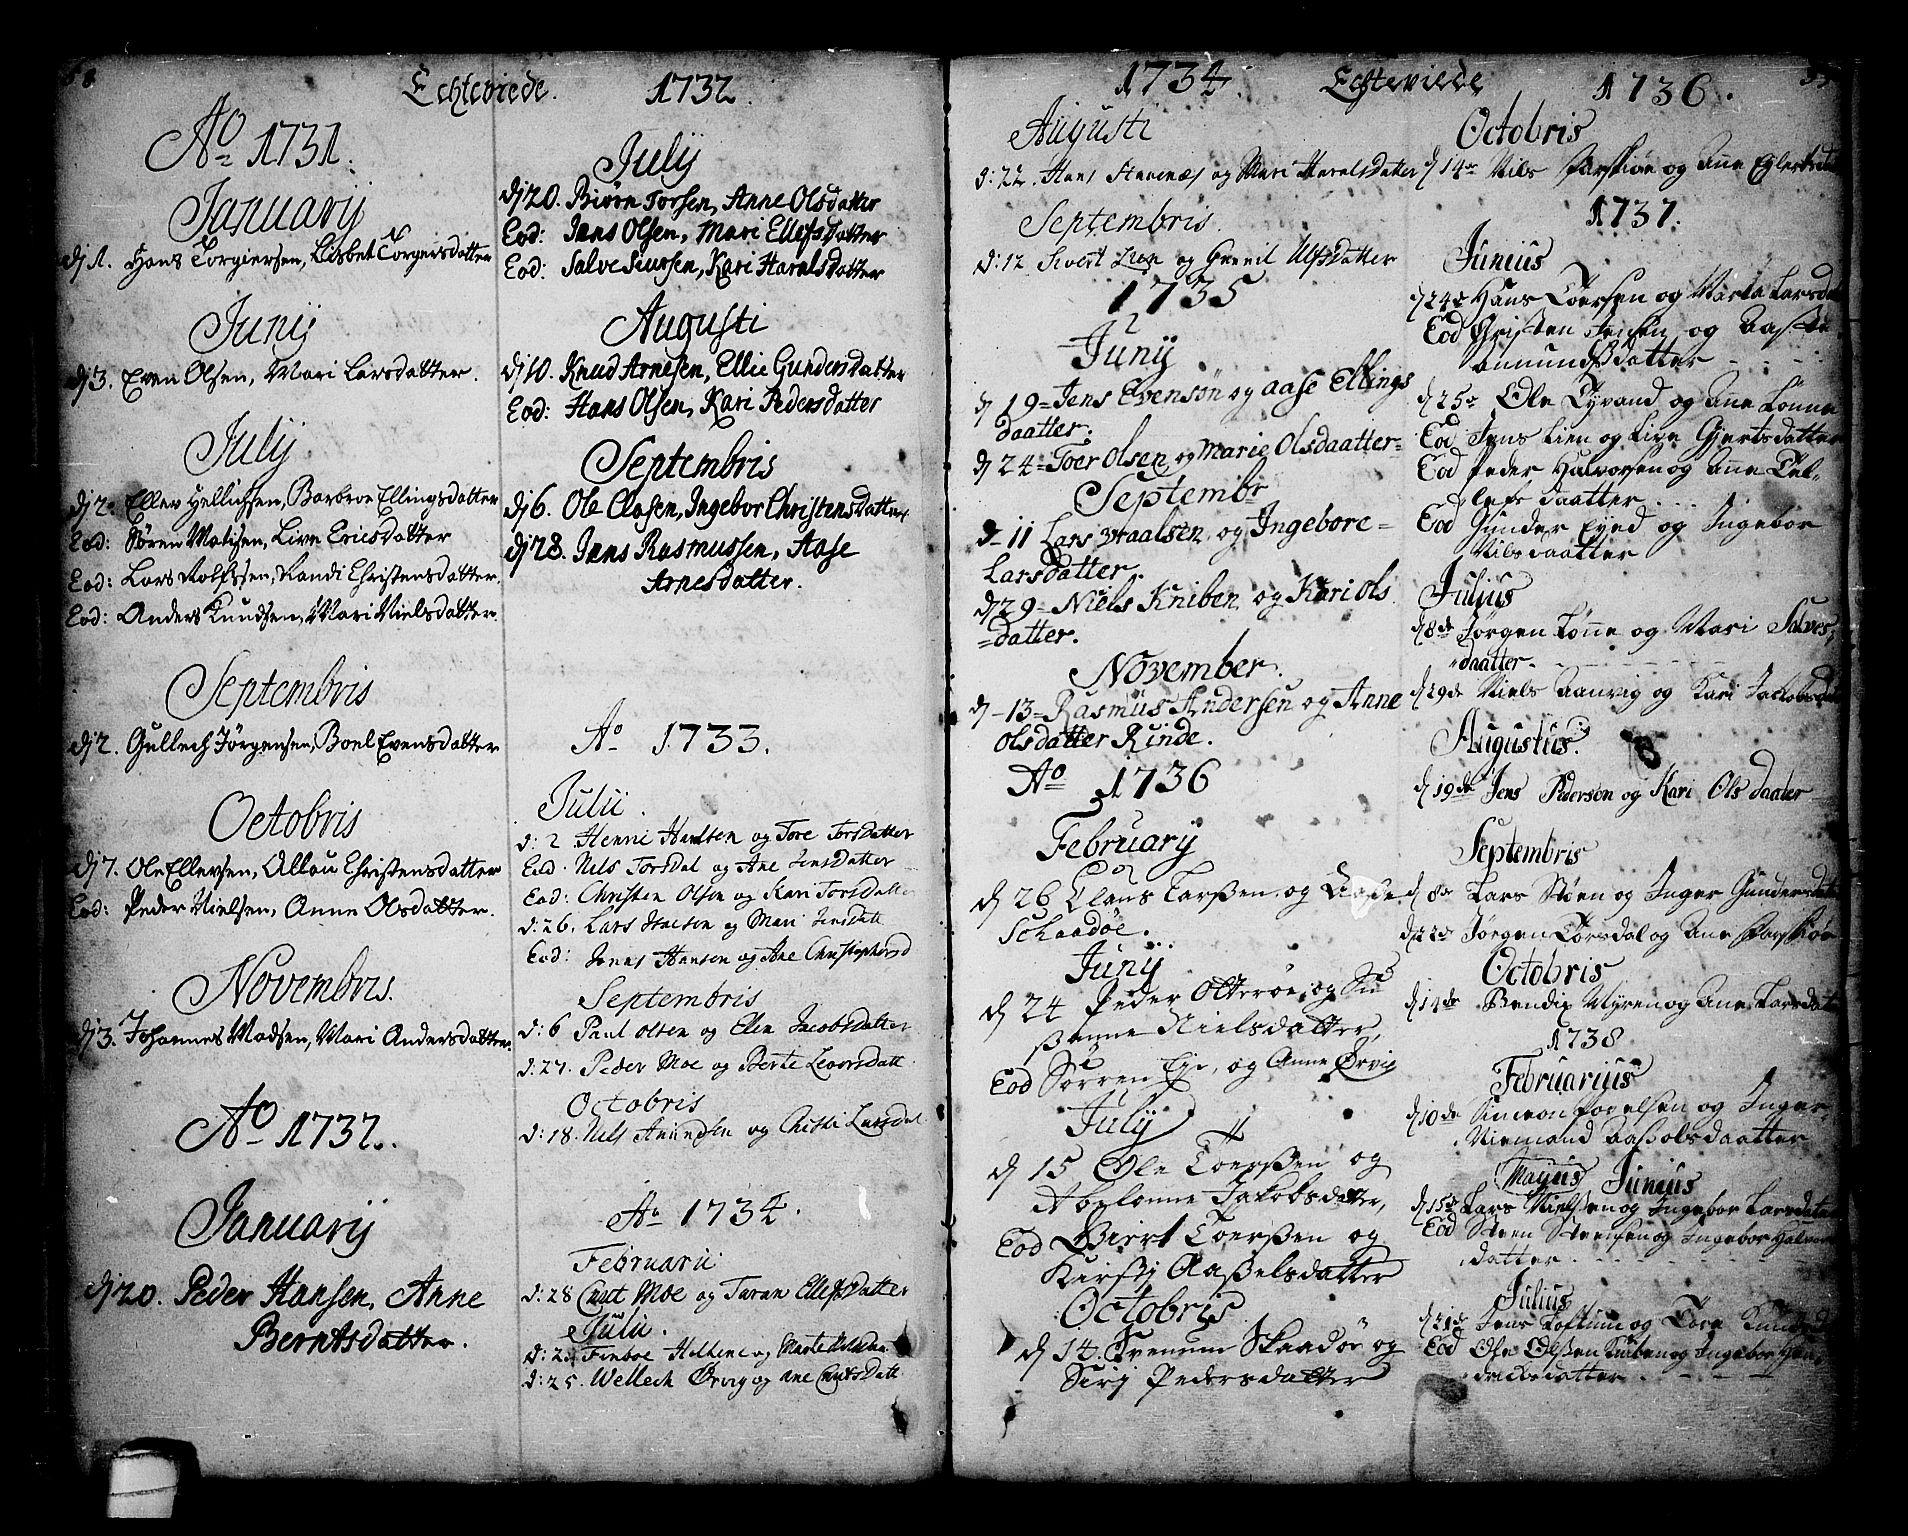 SAKO, Sannidal kirkebøker, F/Fa/L0001: Ministerialbok nr. 1, 1702-1766, s. 58-59